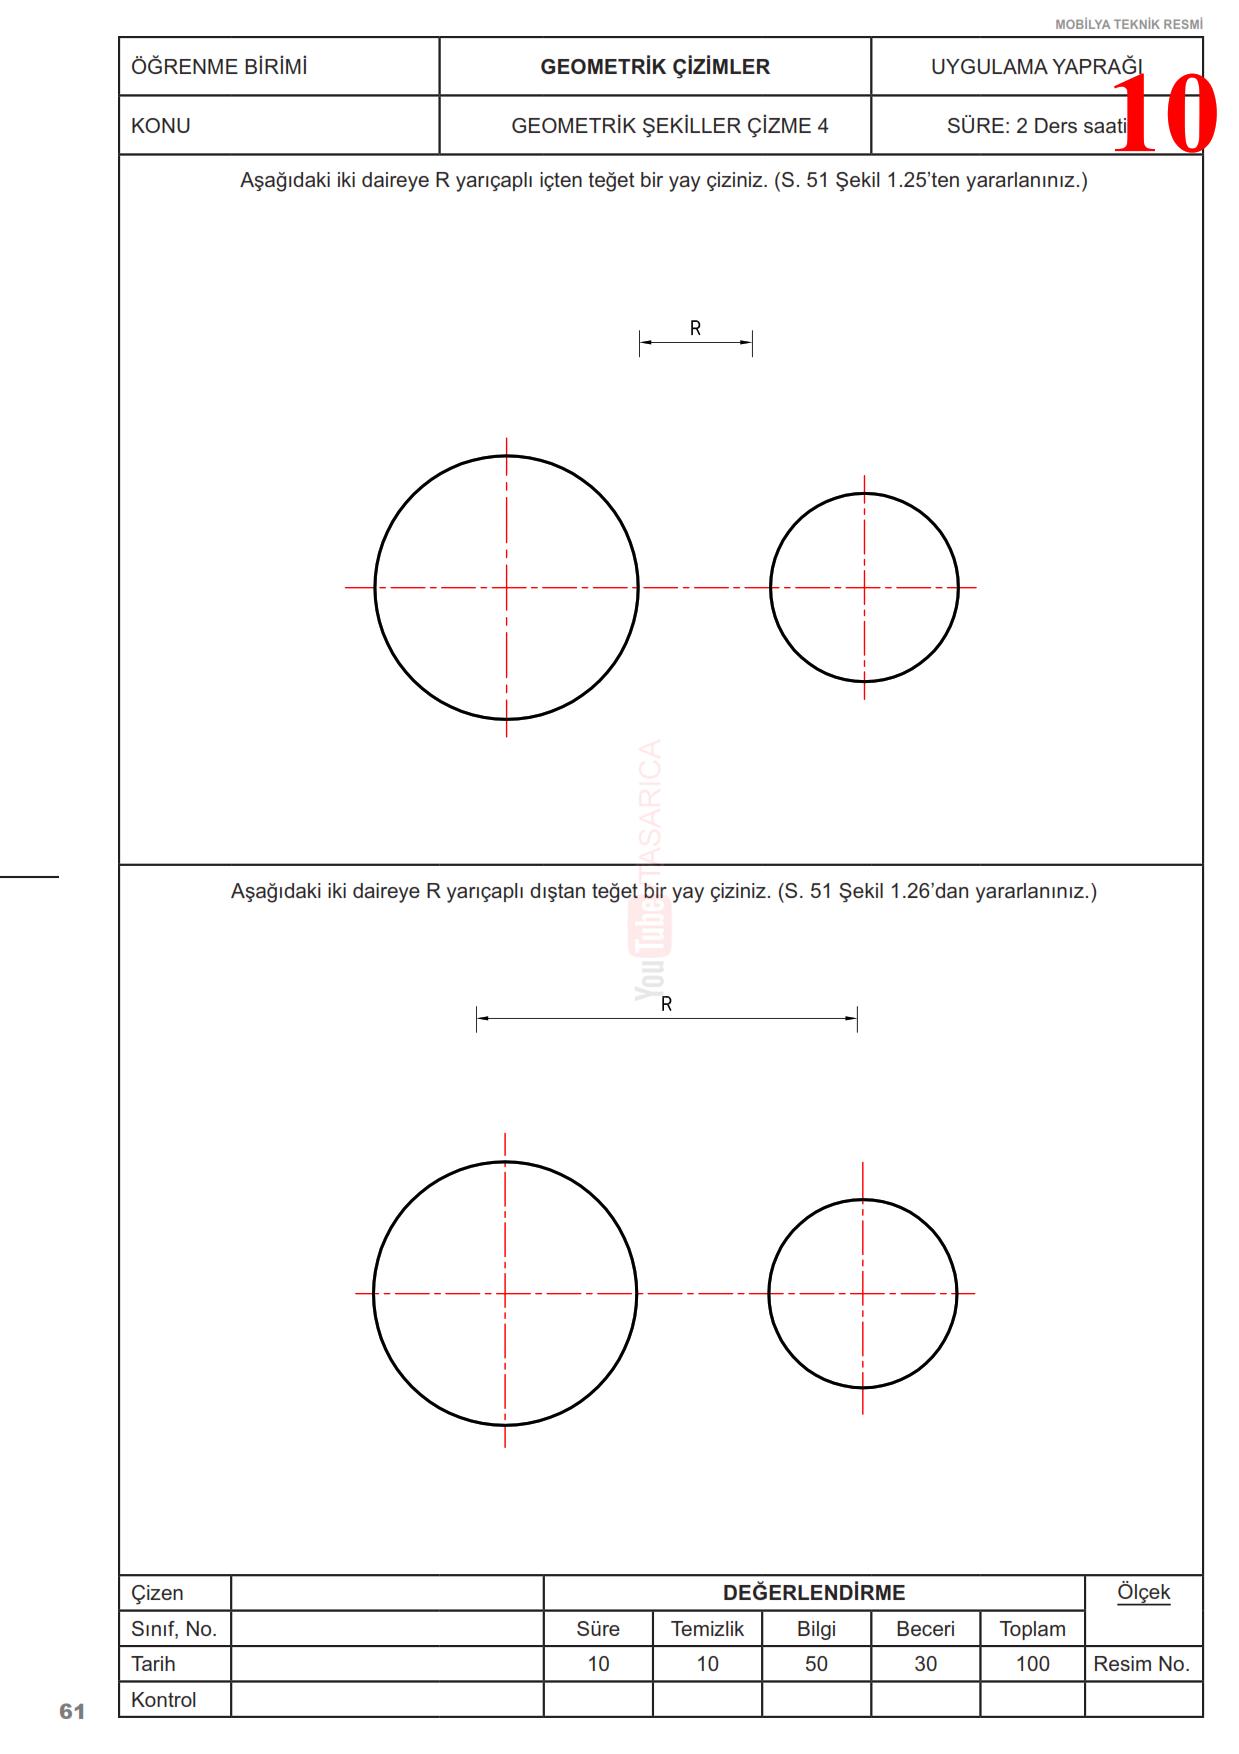 Teknik Resim Geometrik Çizimler Uygulama Yaprakları 10